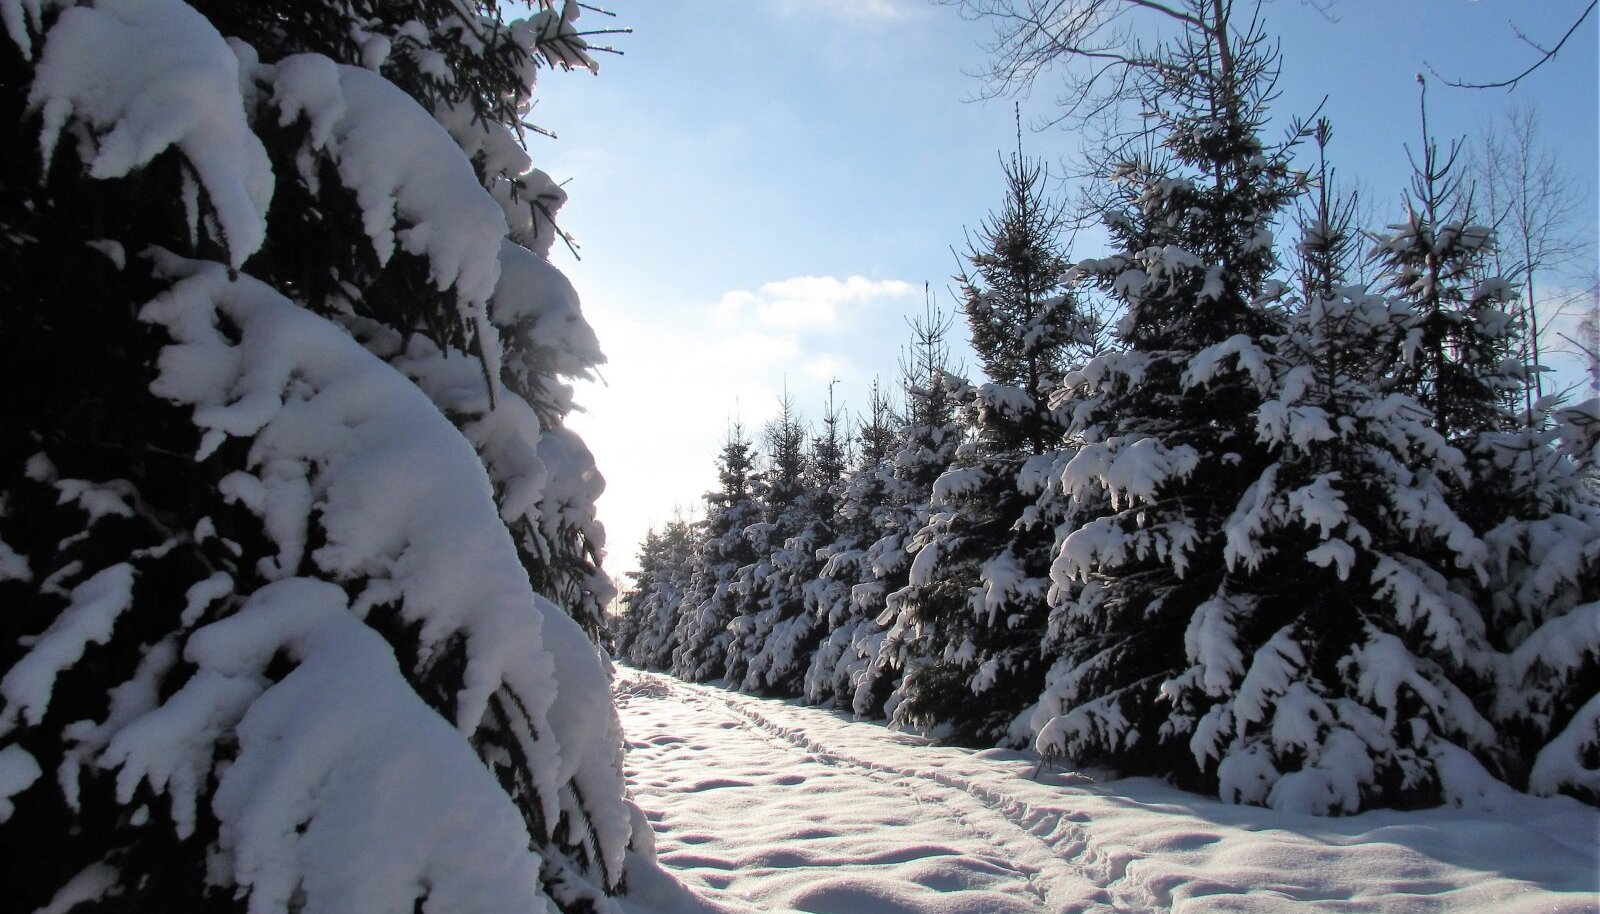 Pildistasin oma kõrgeks ja tihedaks kasvanud kuusenoorendikku ning lumisel talvepäeval leiab lisaks metslooma omadele sealt ka enda tallatud jäljerea.